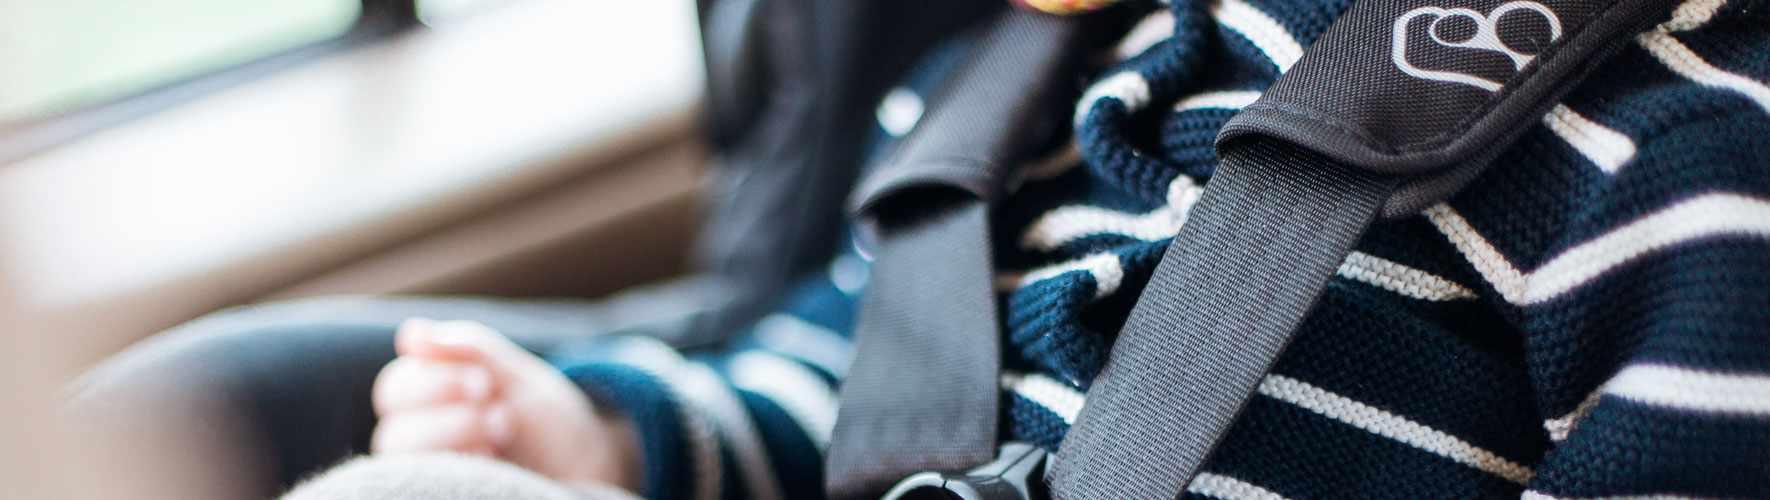 sicherheit f r kinder im auto. Black Bedroom Furniture Sets. Home Design Ideas